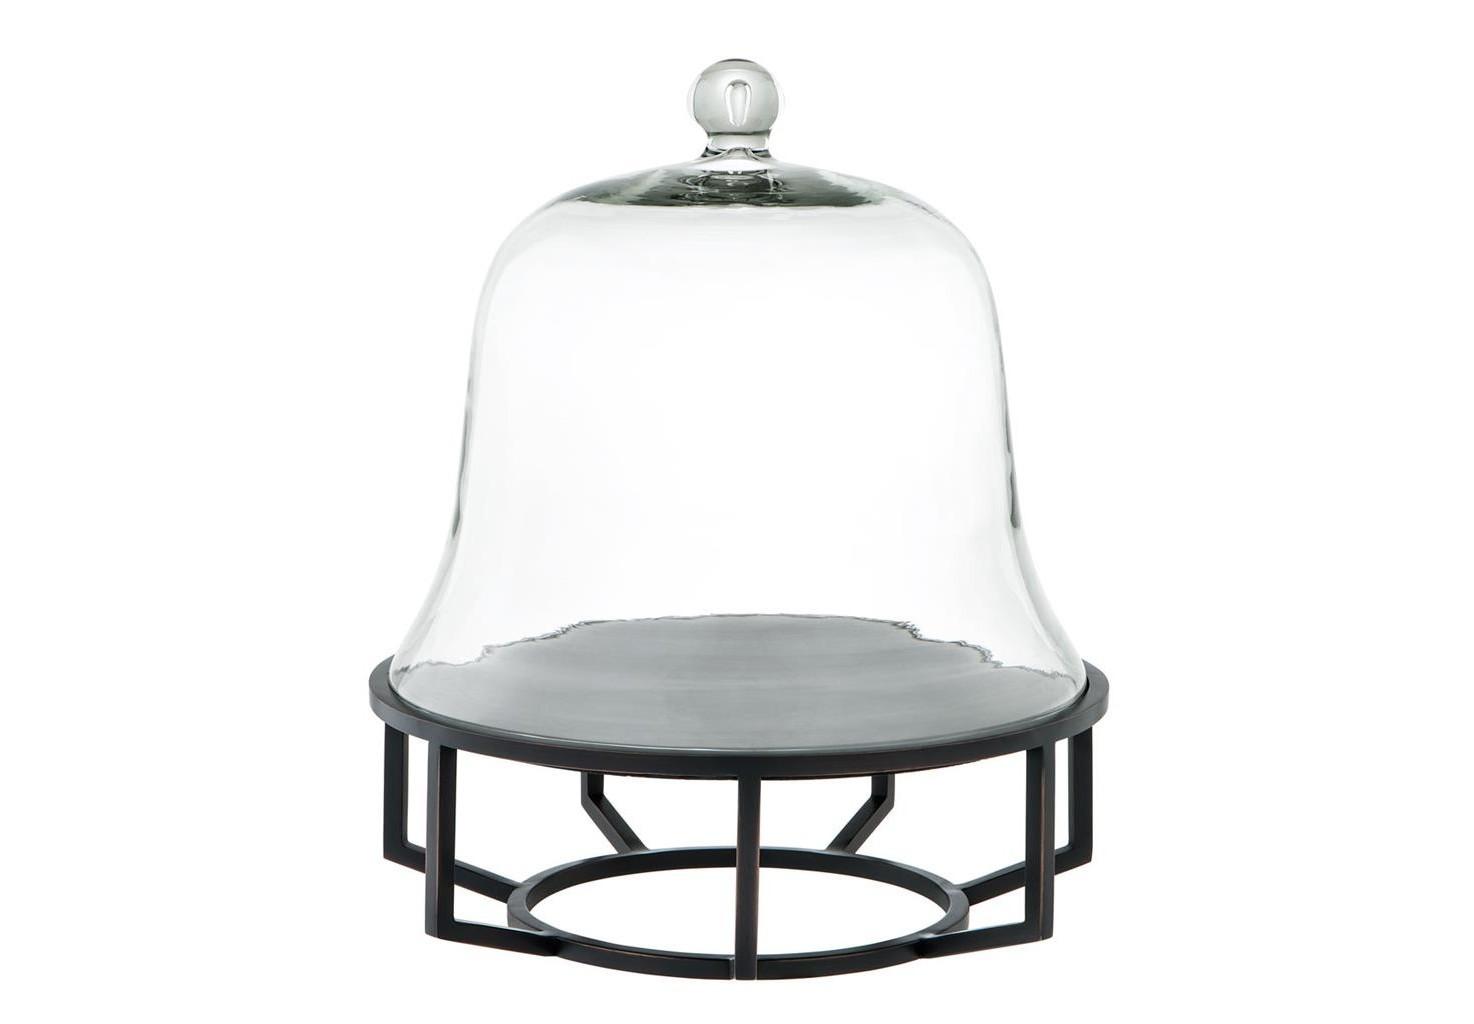 ПосудаПодставки и доски<br>Блюдо для выпечки Cake Stand Branners со стеклянной крышкой. Основа из металла черно-бронзового цвета с подносом из черного гранита.<br><br>Material: Стекло<br>Высота см: 42